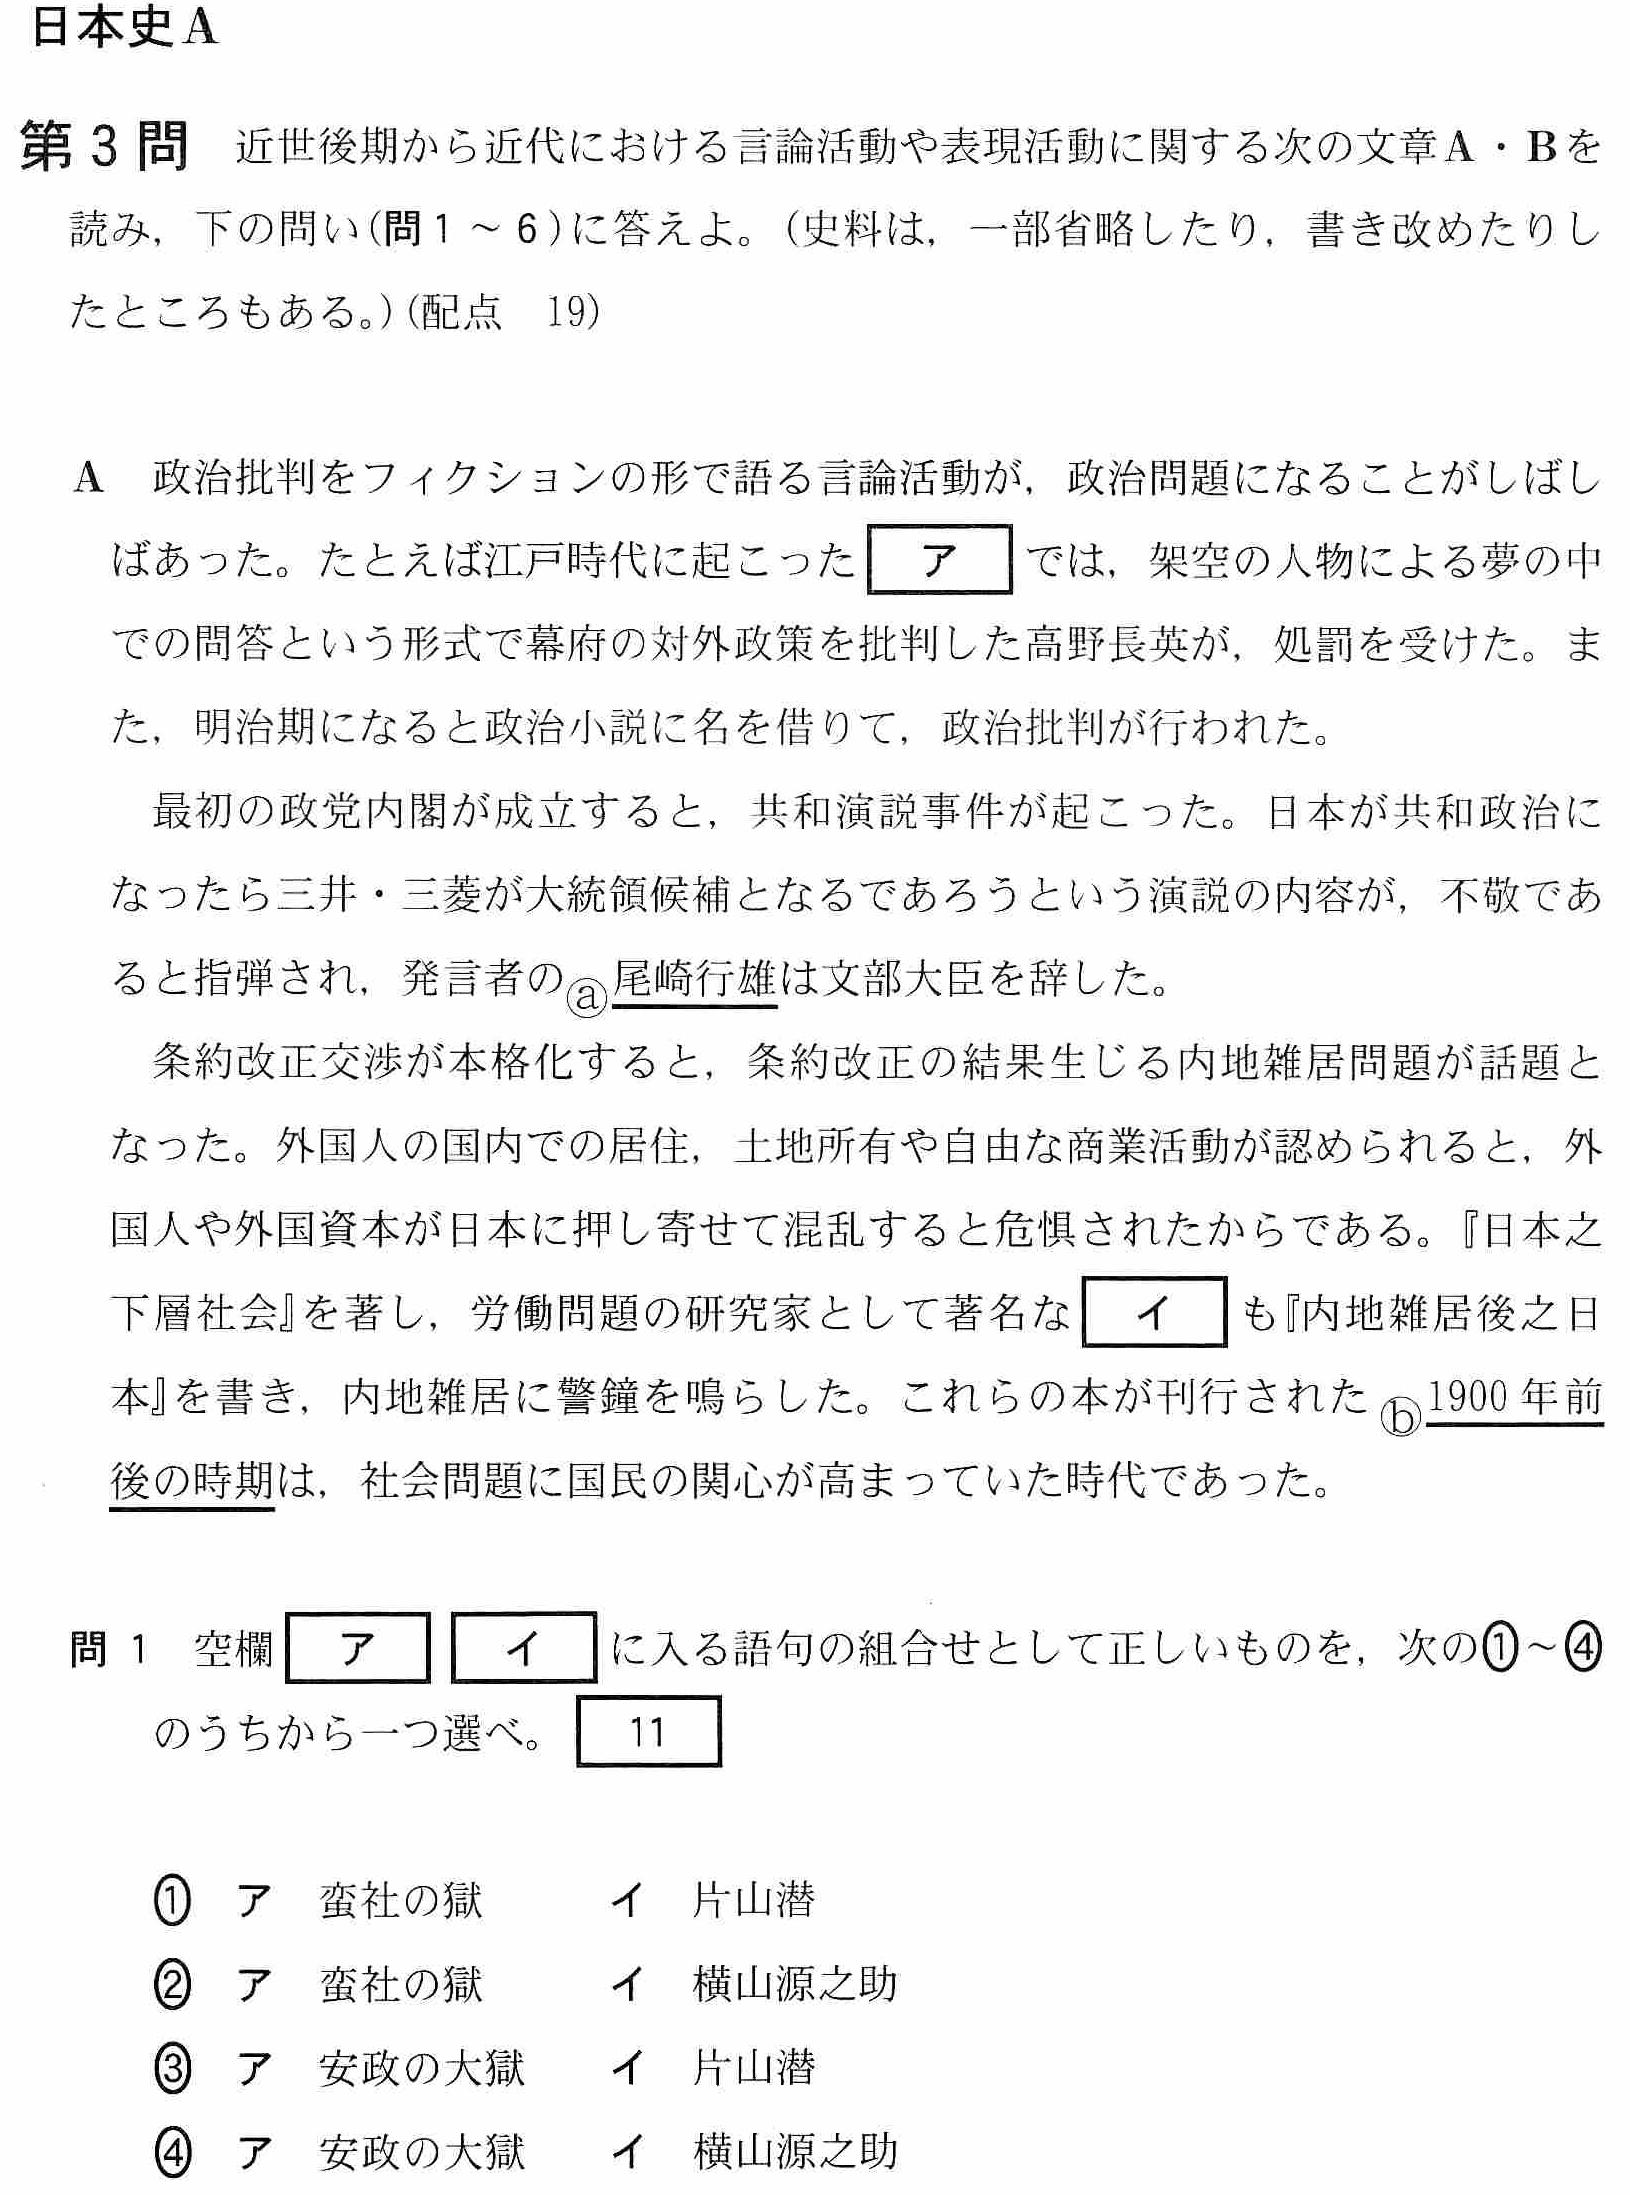 センター試験2018の富山関連問題(日本史A)3